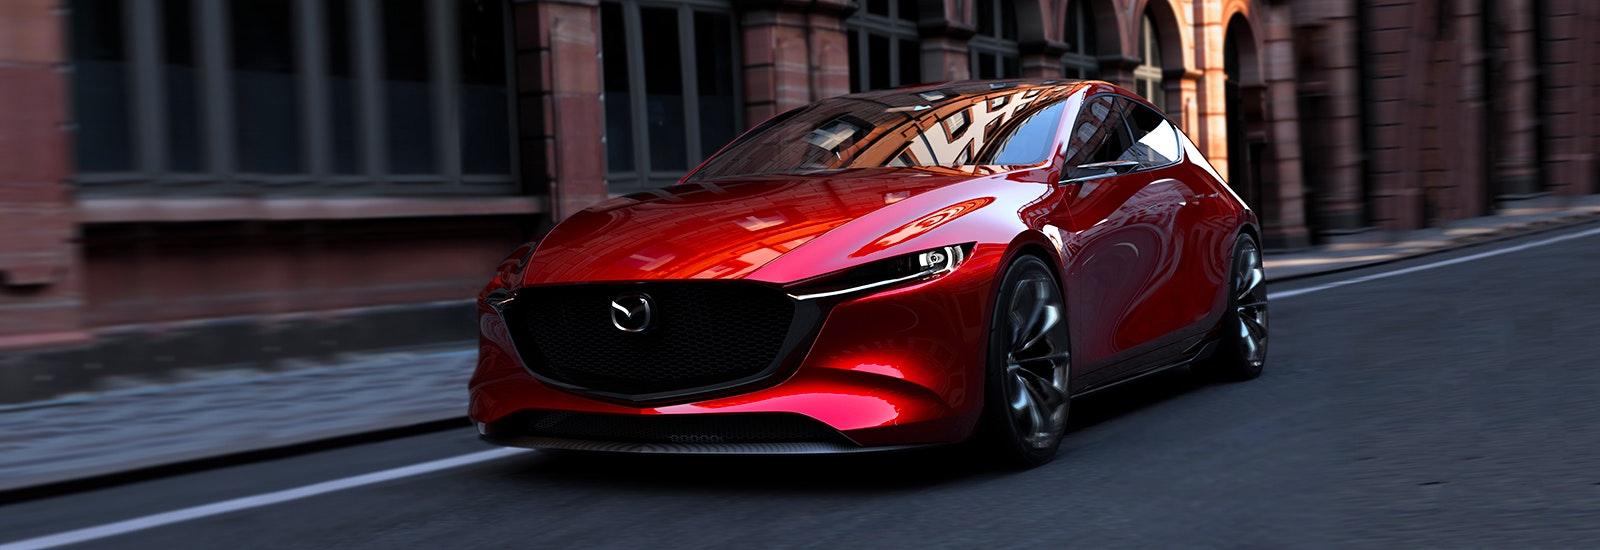 2017 Mazda Kai Concept